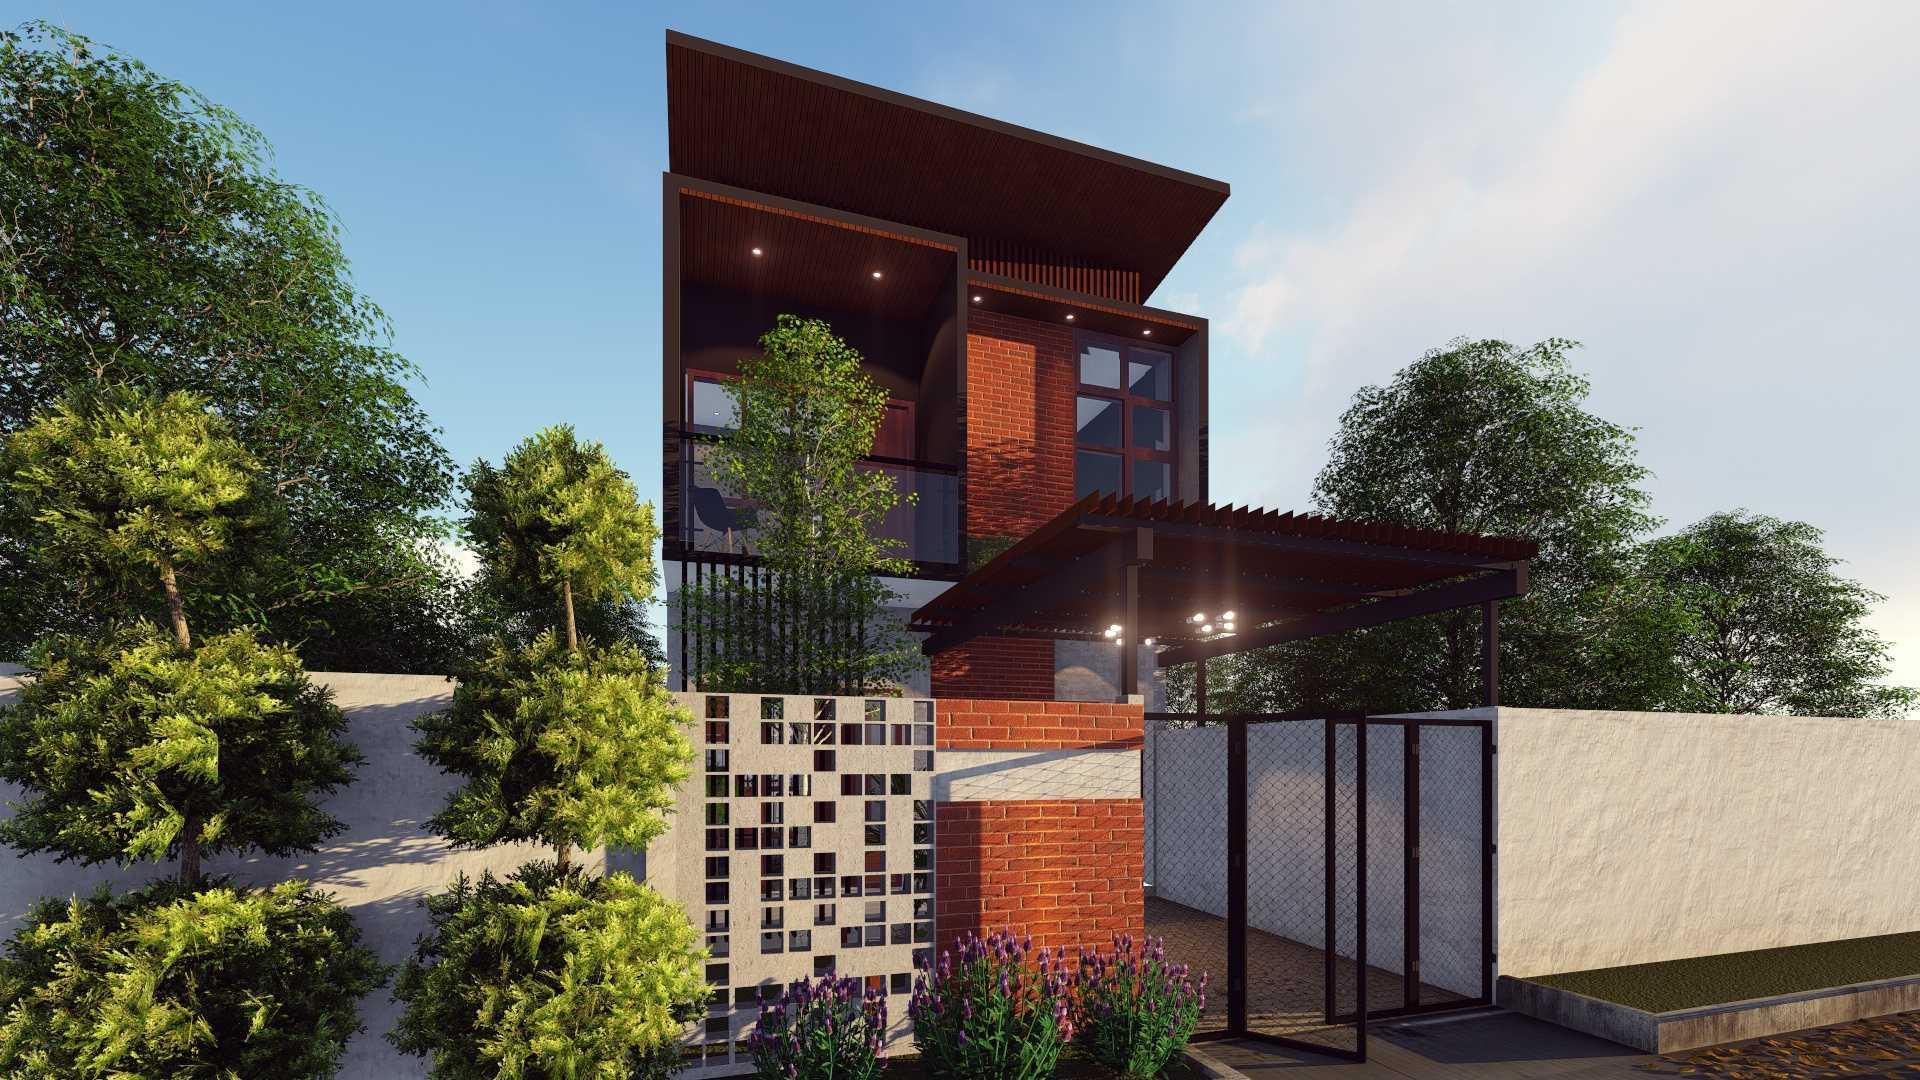 Firman Wiratama Industrial House Kediri, Jawa Timur, Indonesia Kediri, Jawa Timur, Indonesia Firman-Wiratama-Industrial-House   76172